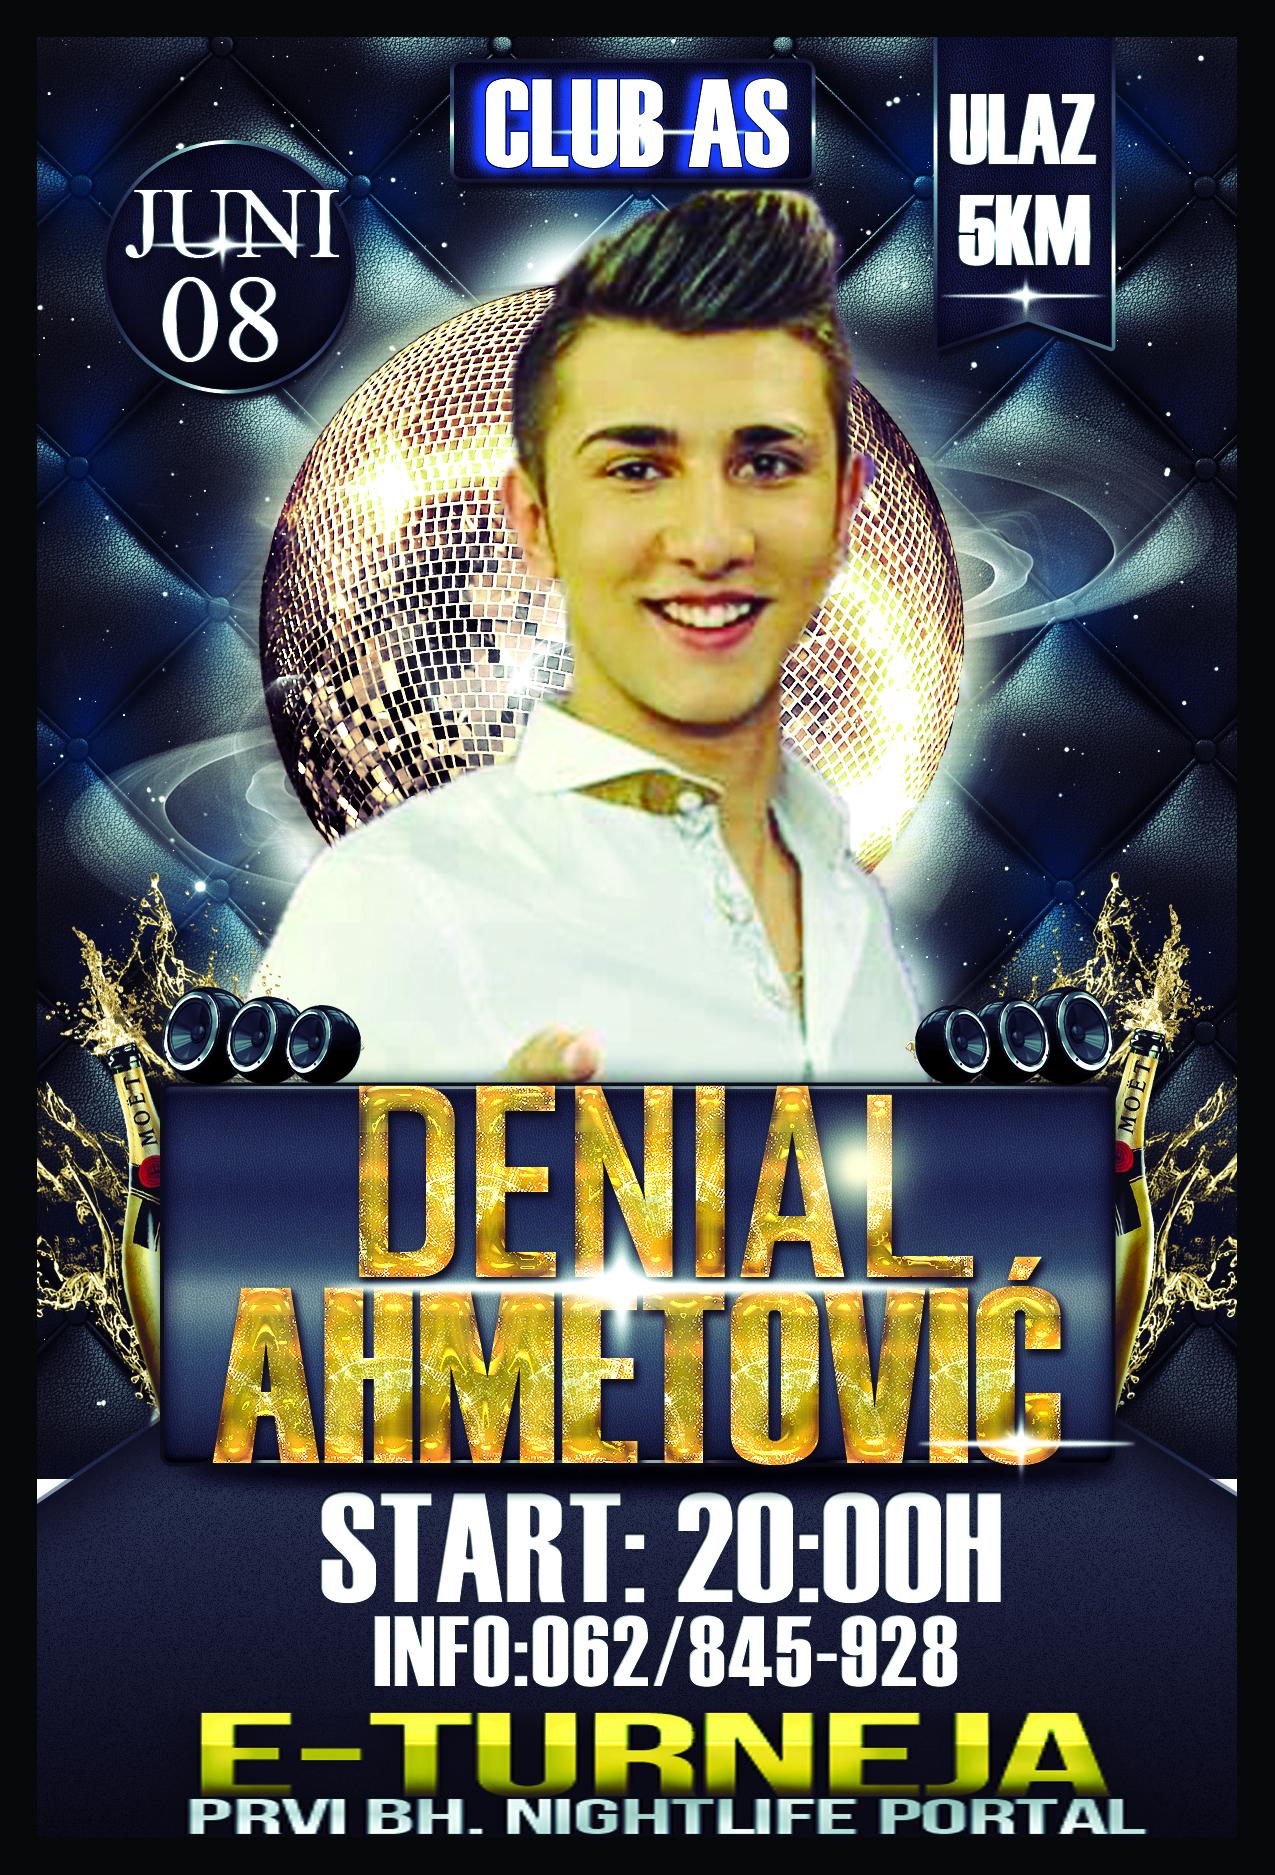 Denial Ahmetović @ Club AS (08.06)